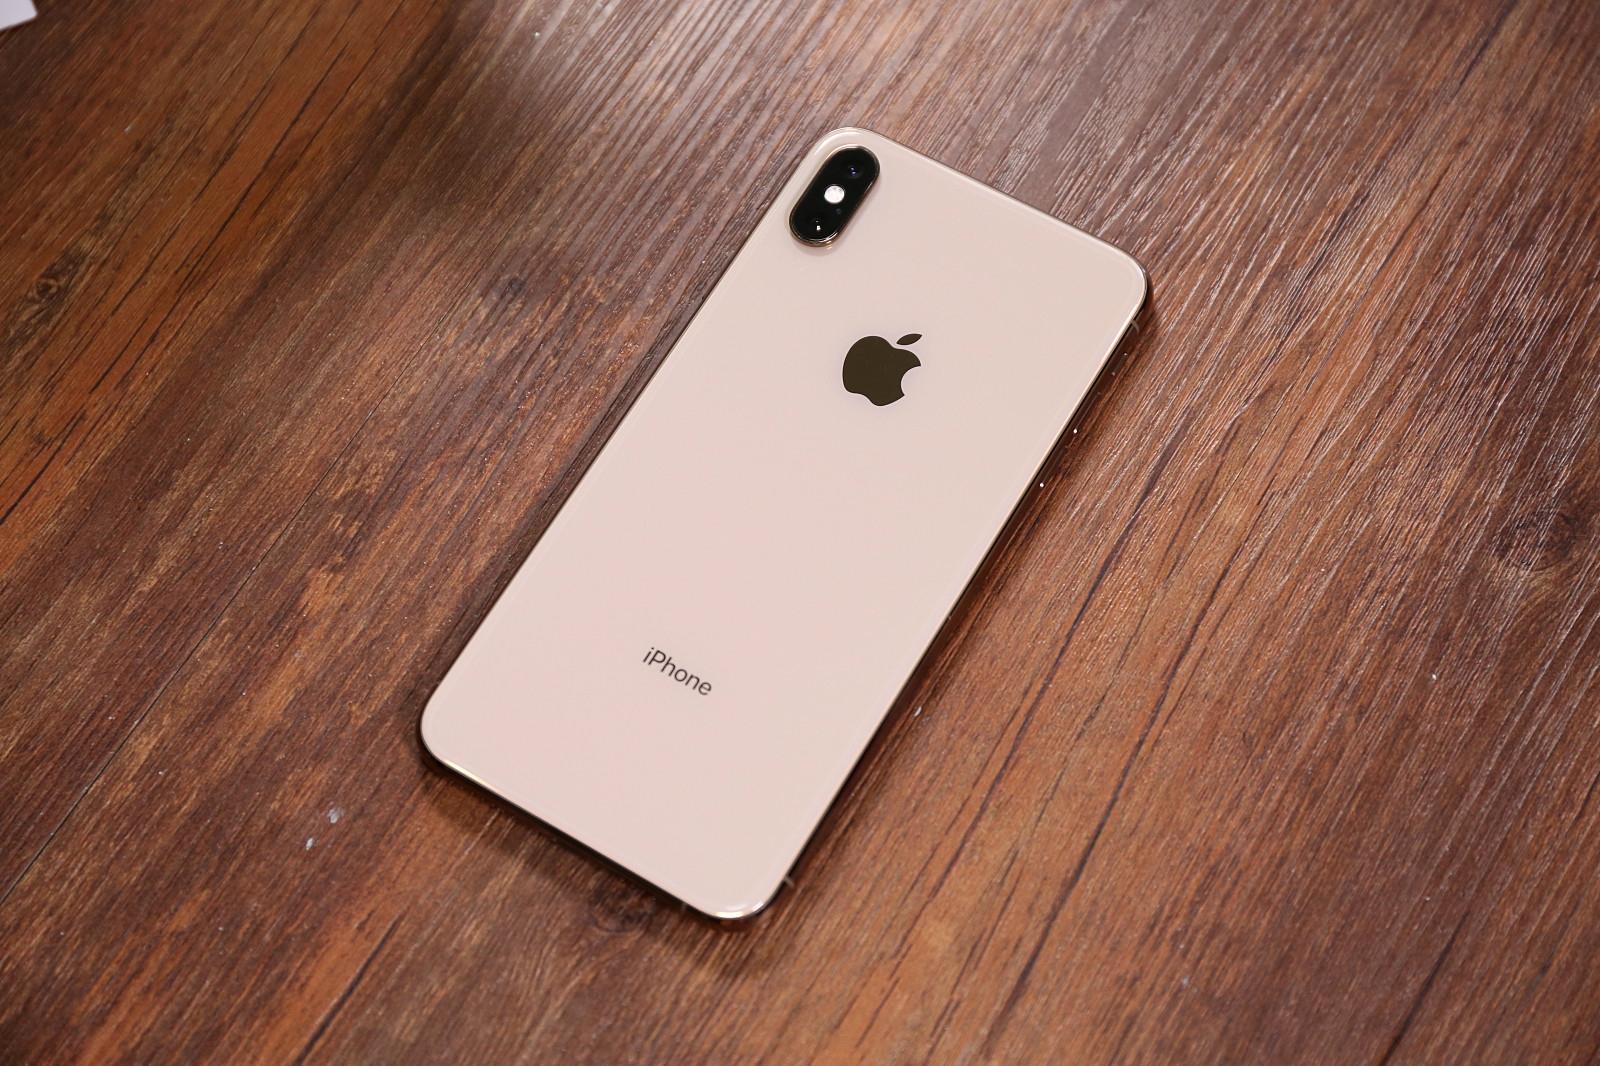 果粉快抢!苏宁大幅下调iPhoneXR售价 比官网低1200元